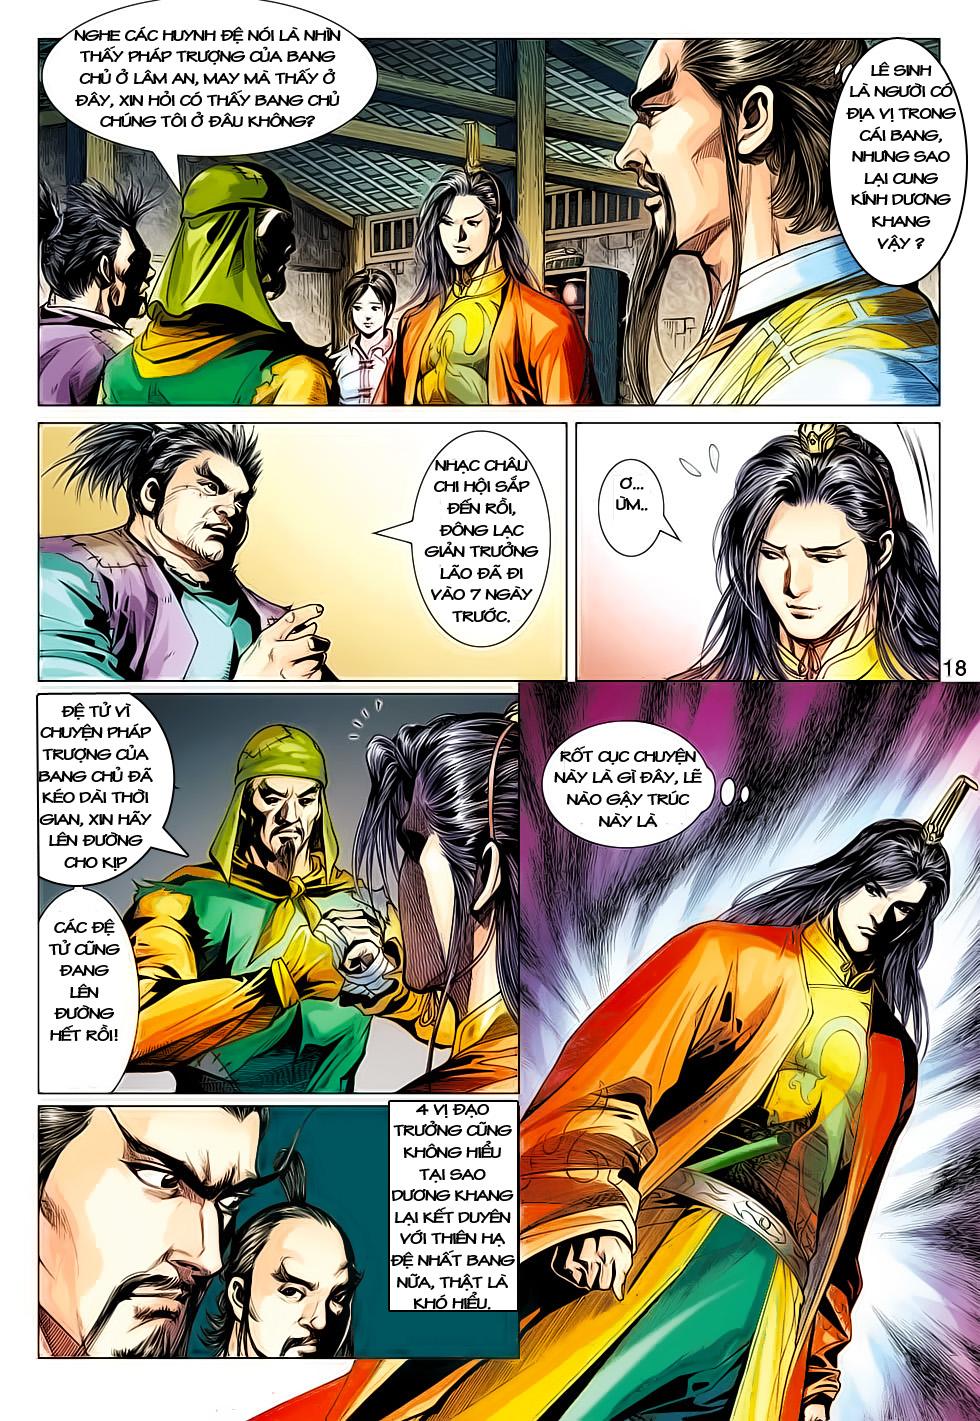 Anh Hùng Xạ Điêu anh hùng xạ đêu chap 61: thất tử chiến thiết thi trang 18